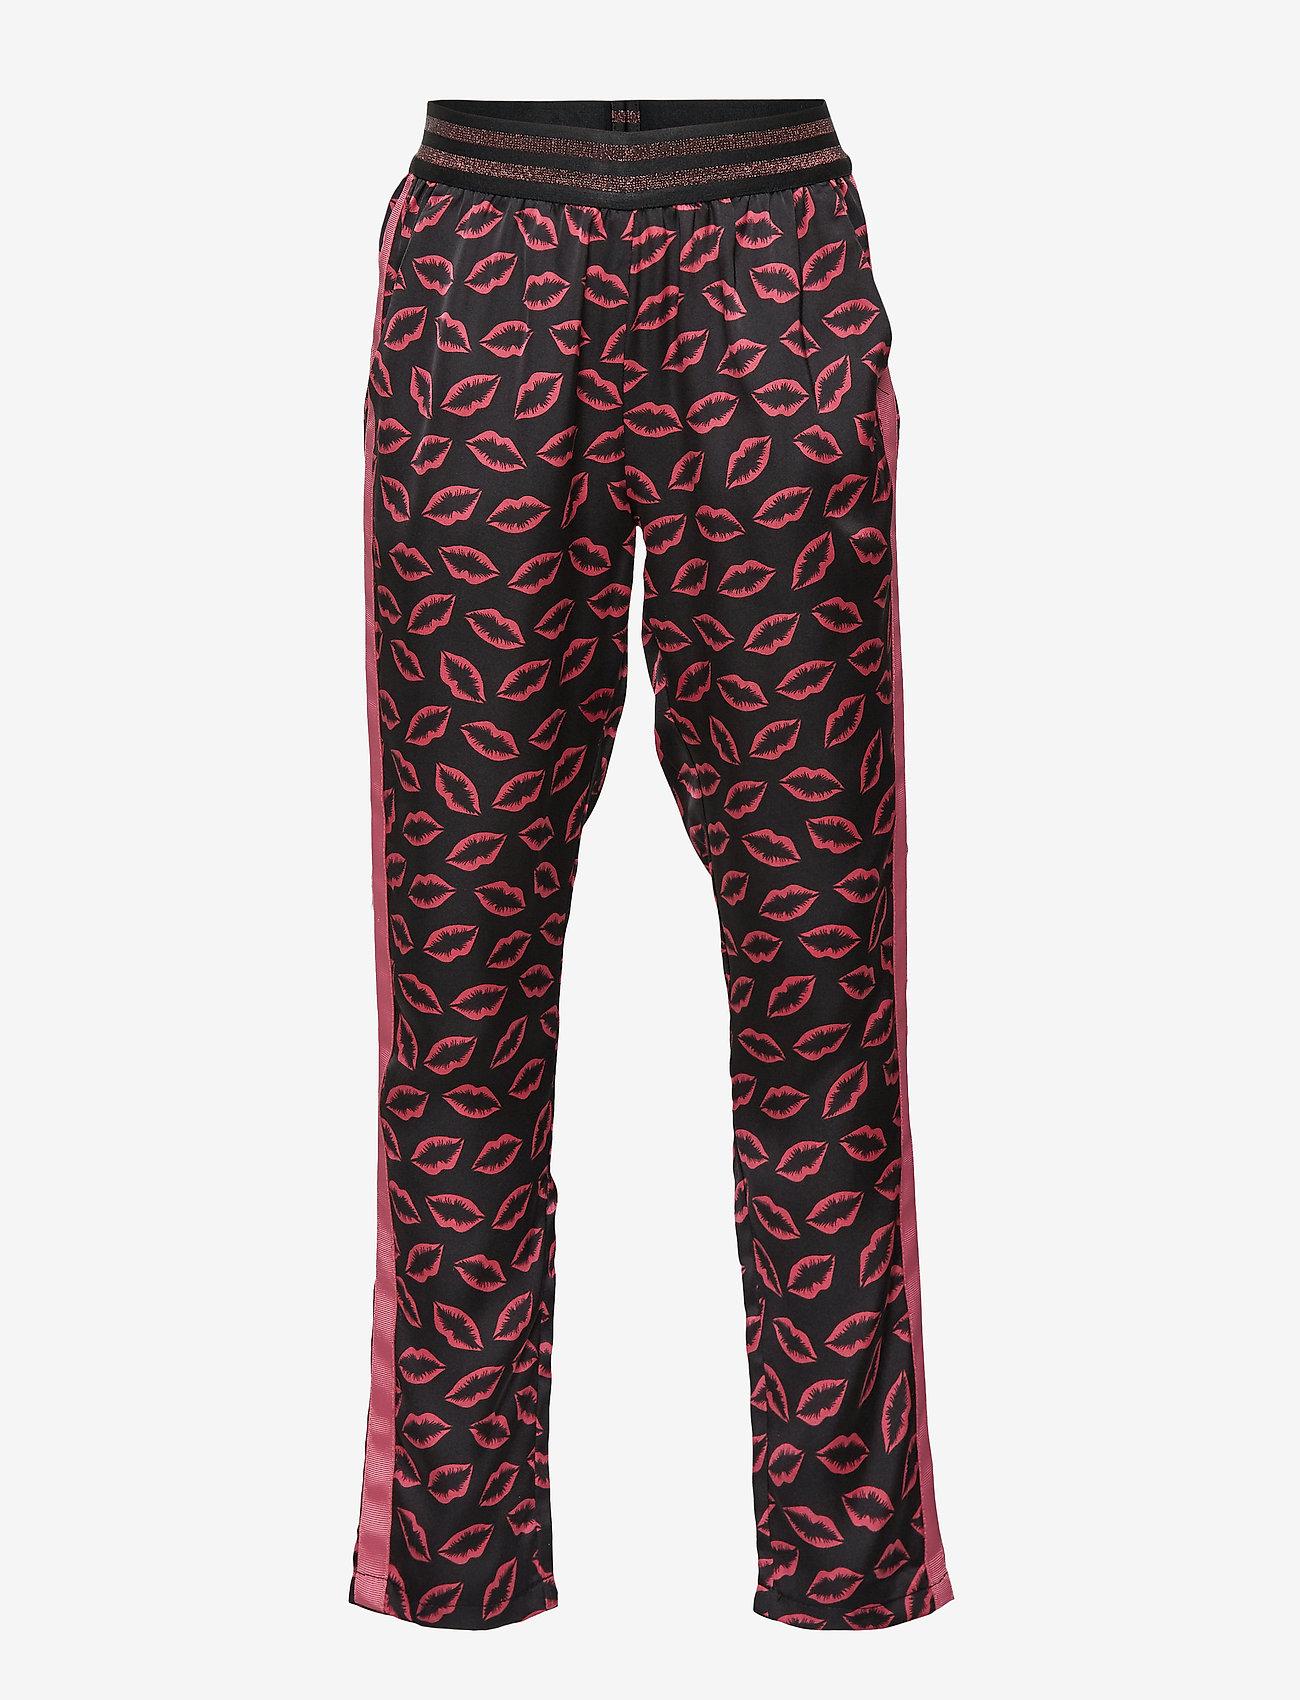 Petit by Sofie Schnoor - Pants - pantalons - black - 0